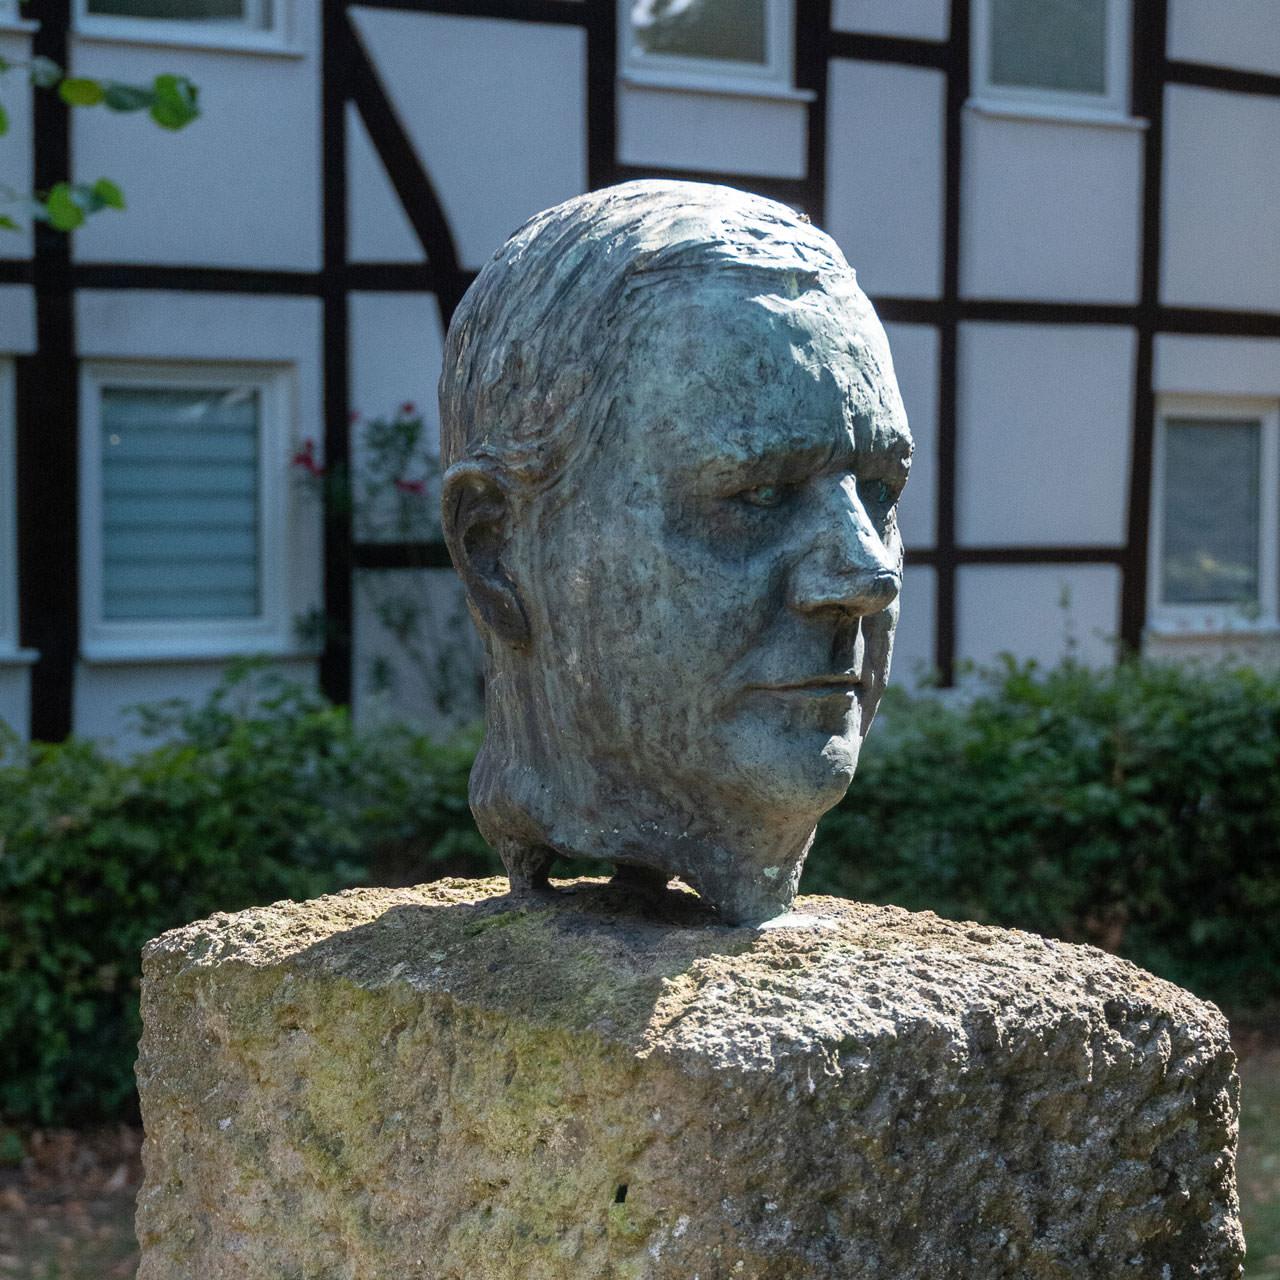 Porträtkopf von Bernd Hartmann